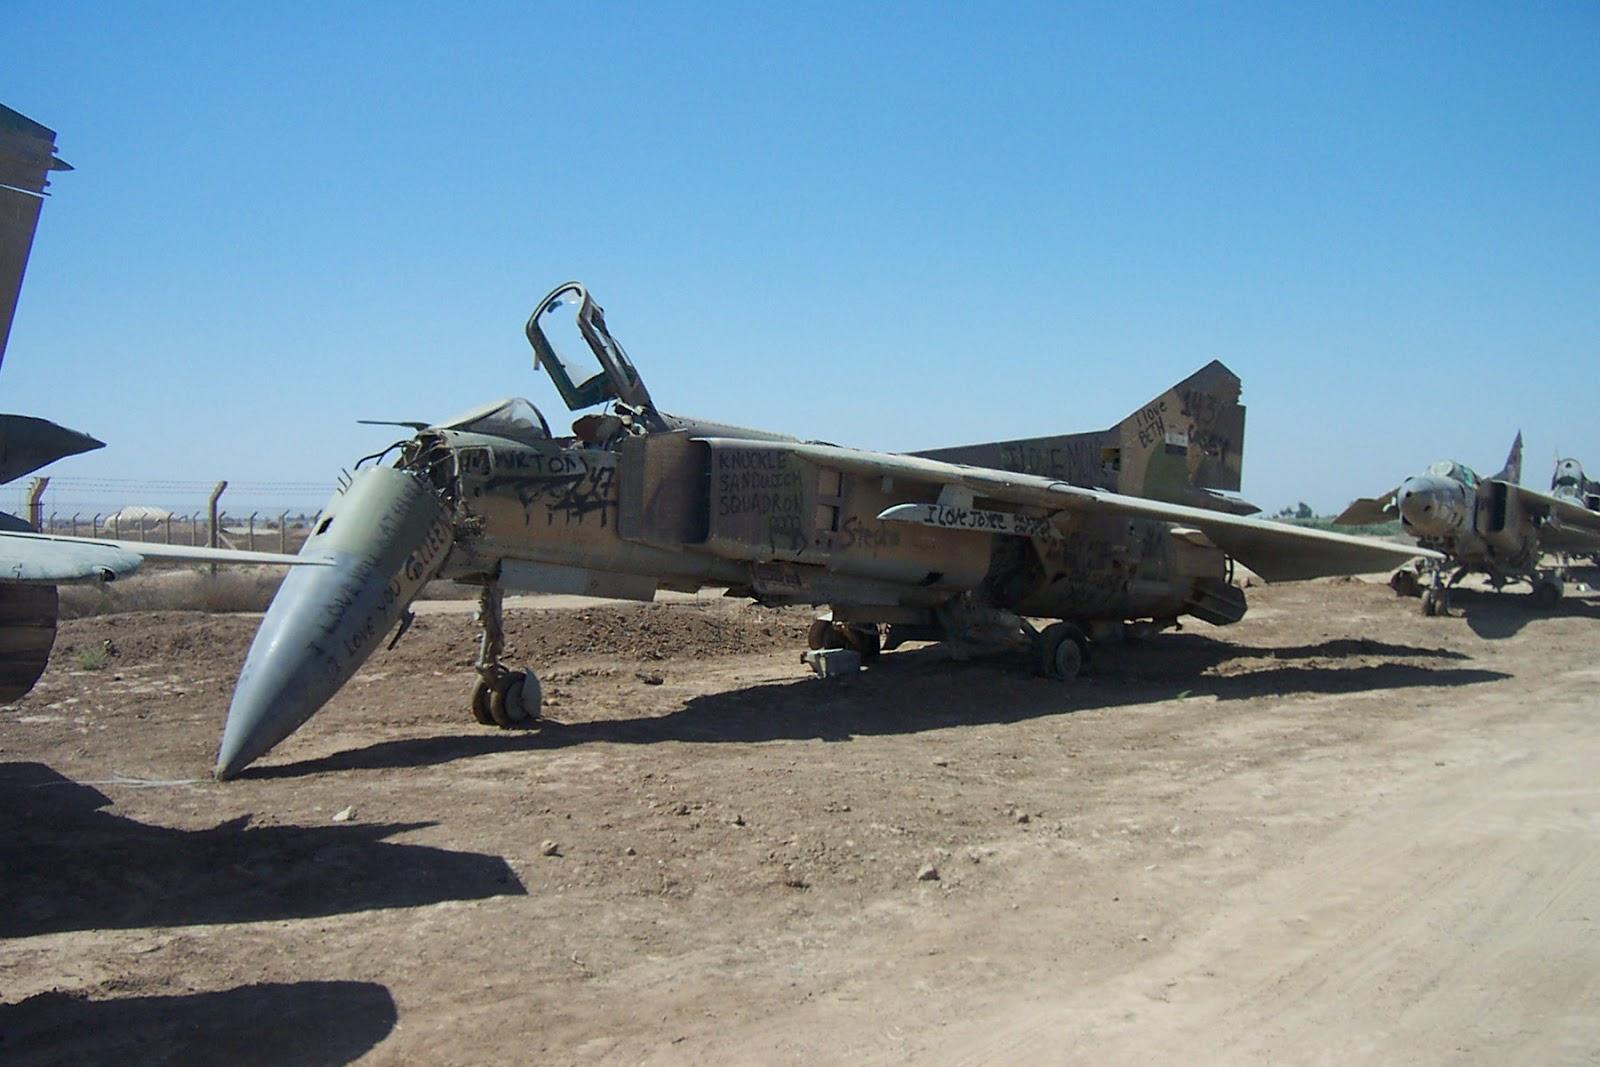 Irak - Página 2 IRAK+MIG-23MF+23137+BALAD+2005